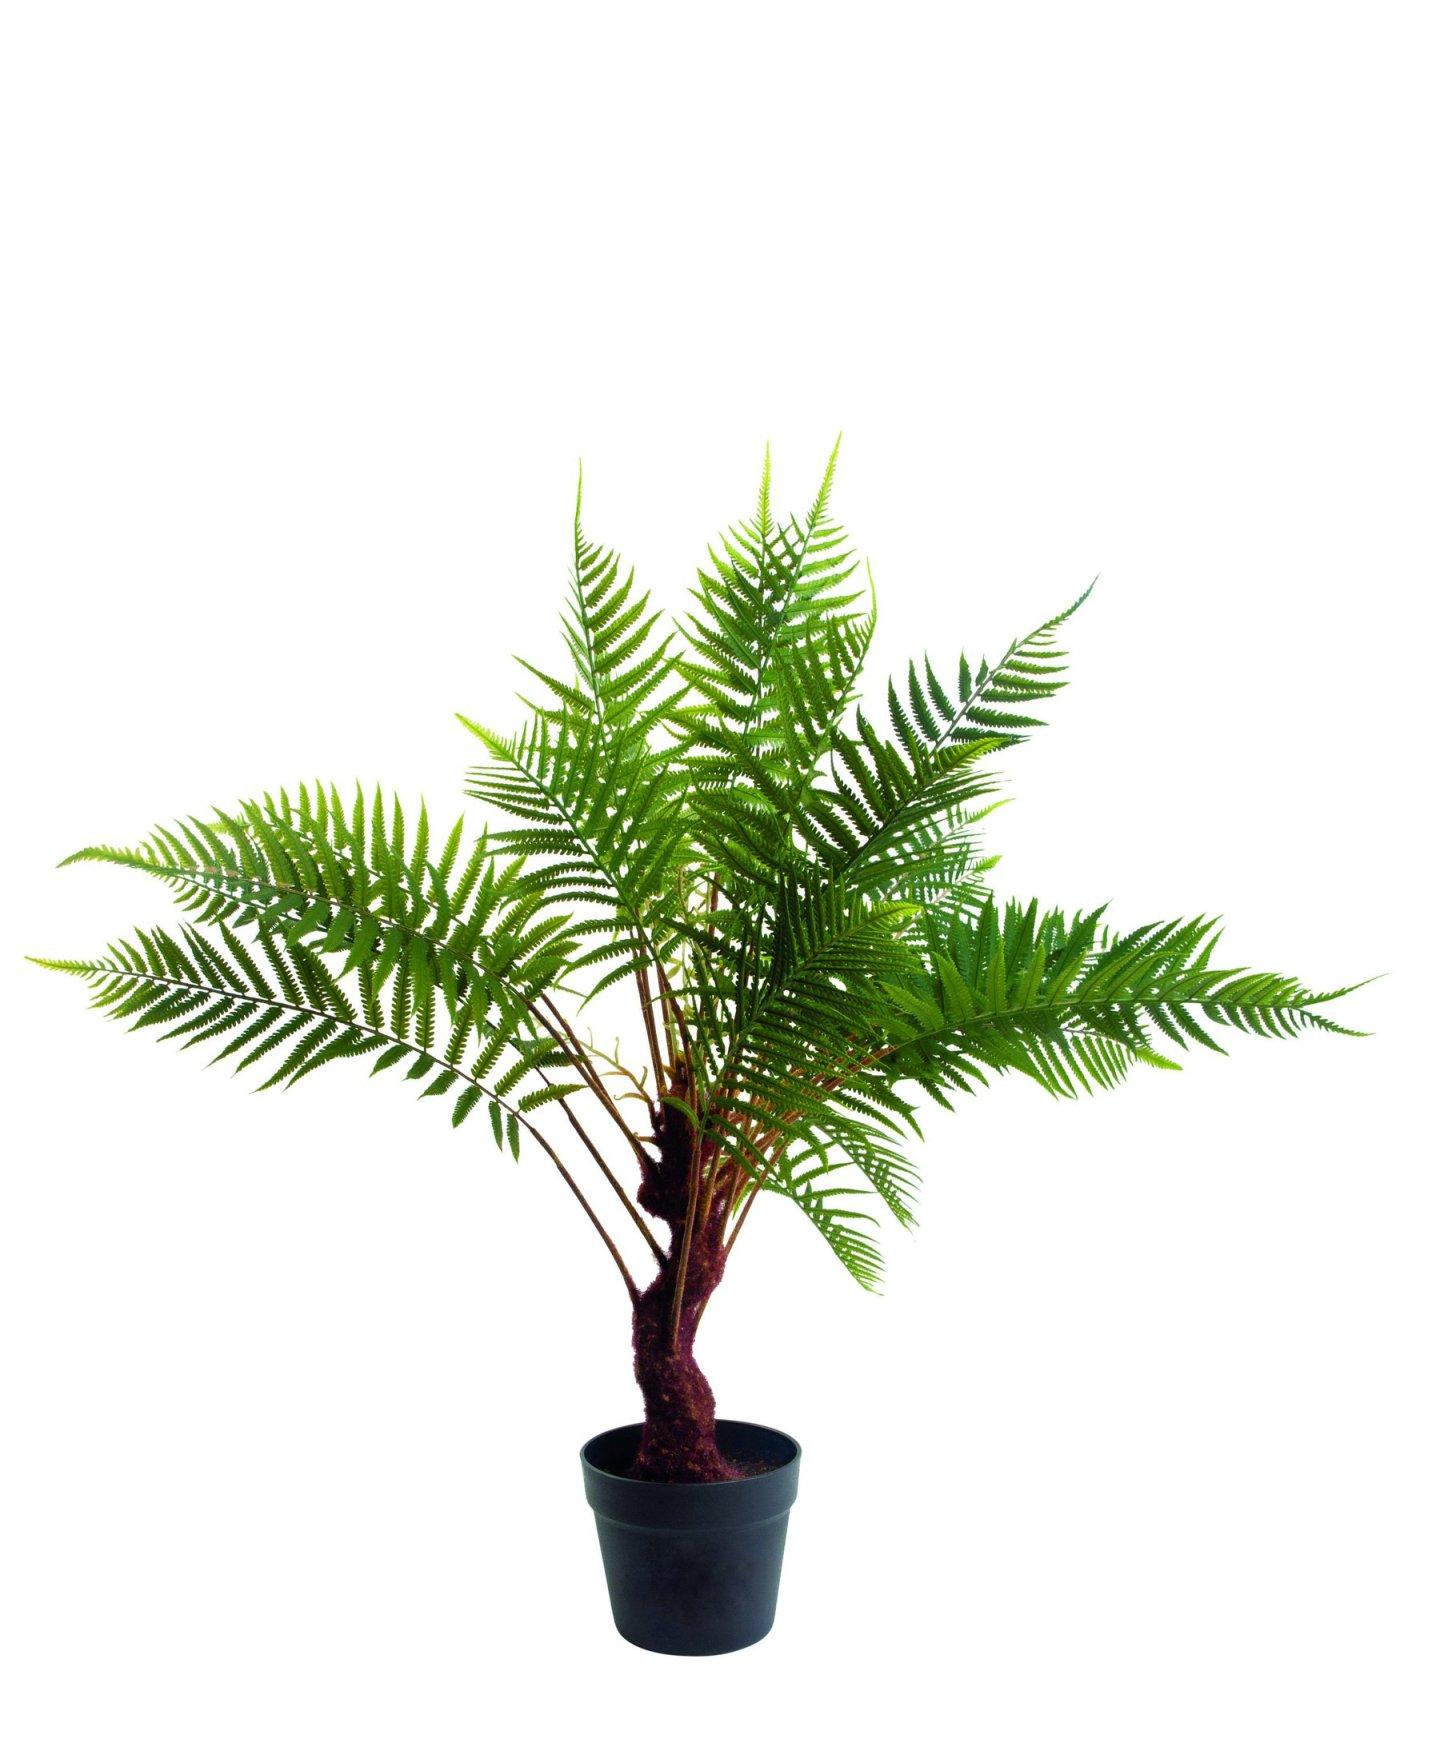 Artificial Fern Plant - Dowsing & Reynolds